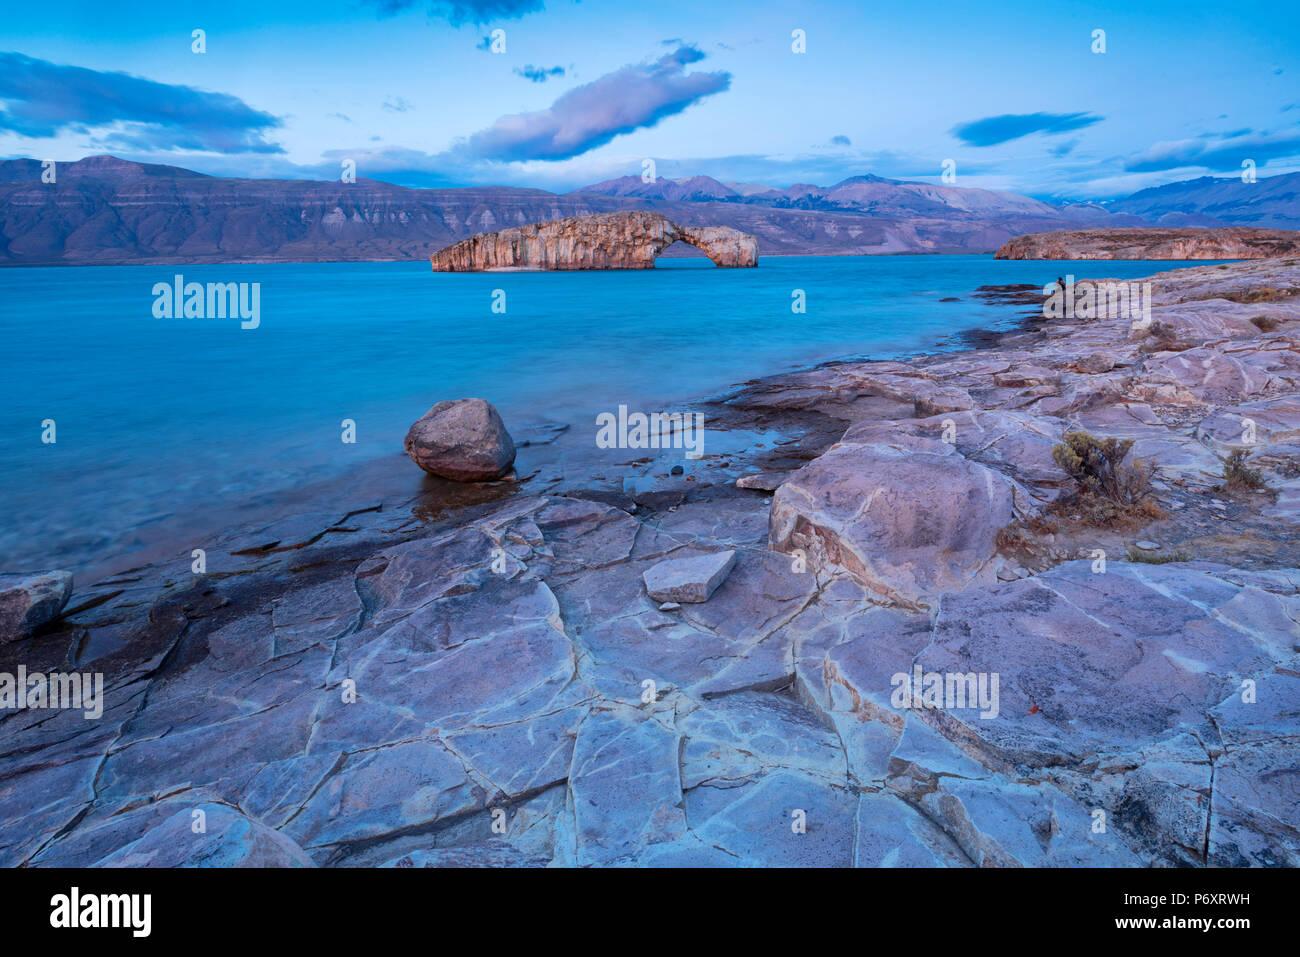 América del Sur, Argentina, Santa Cruz, Patagonia, Lago Posadas Imagen De Stock